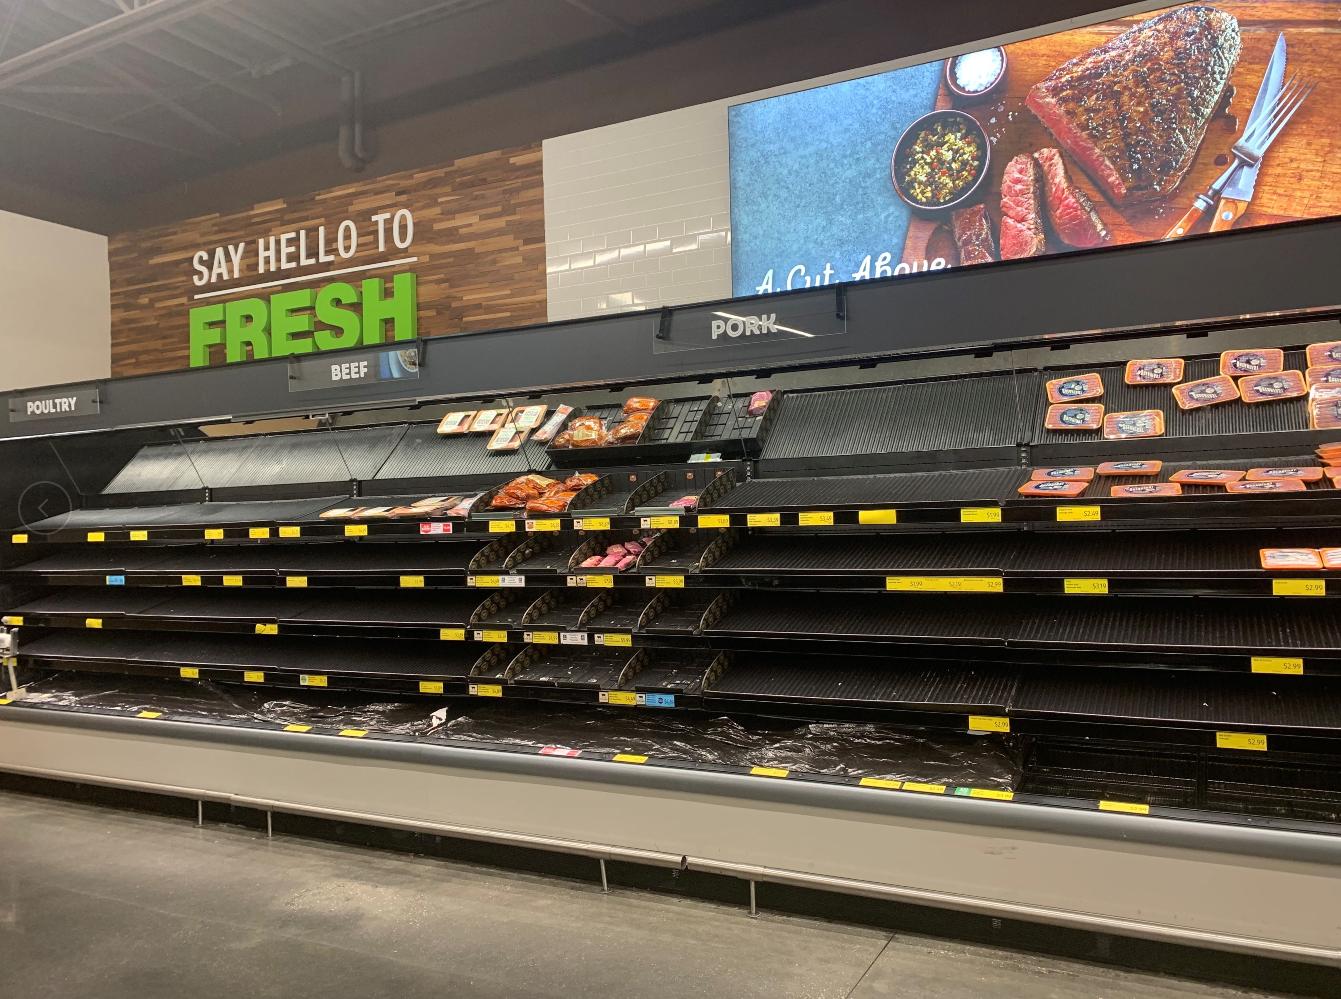 美国伊利诺伊州的一处超市 肉制品货架上空空如也 图源:社交媒体